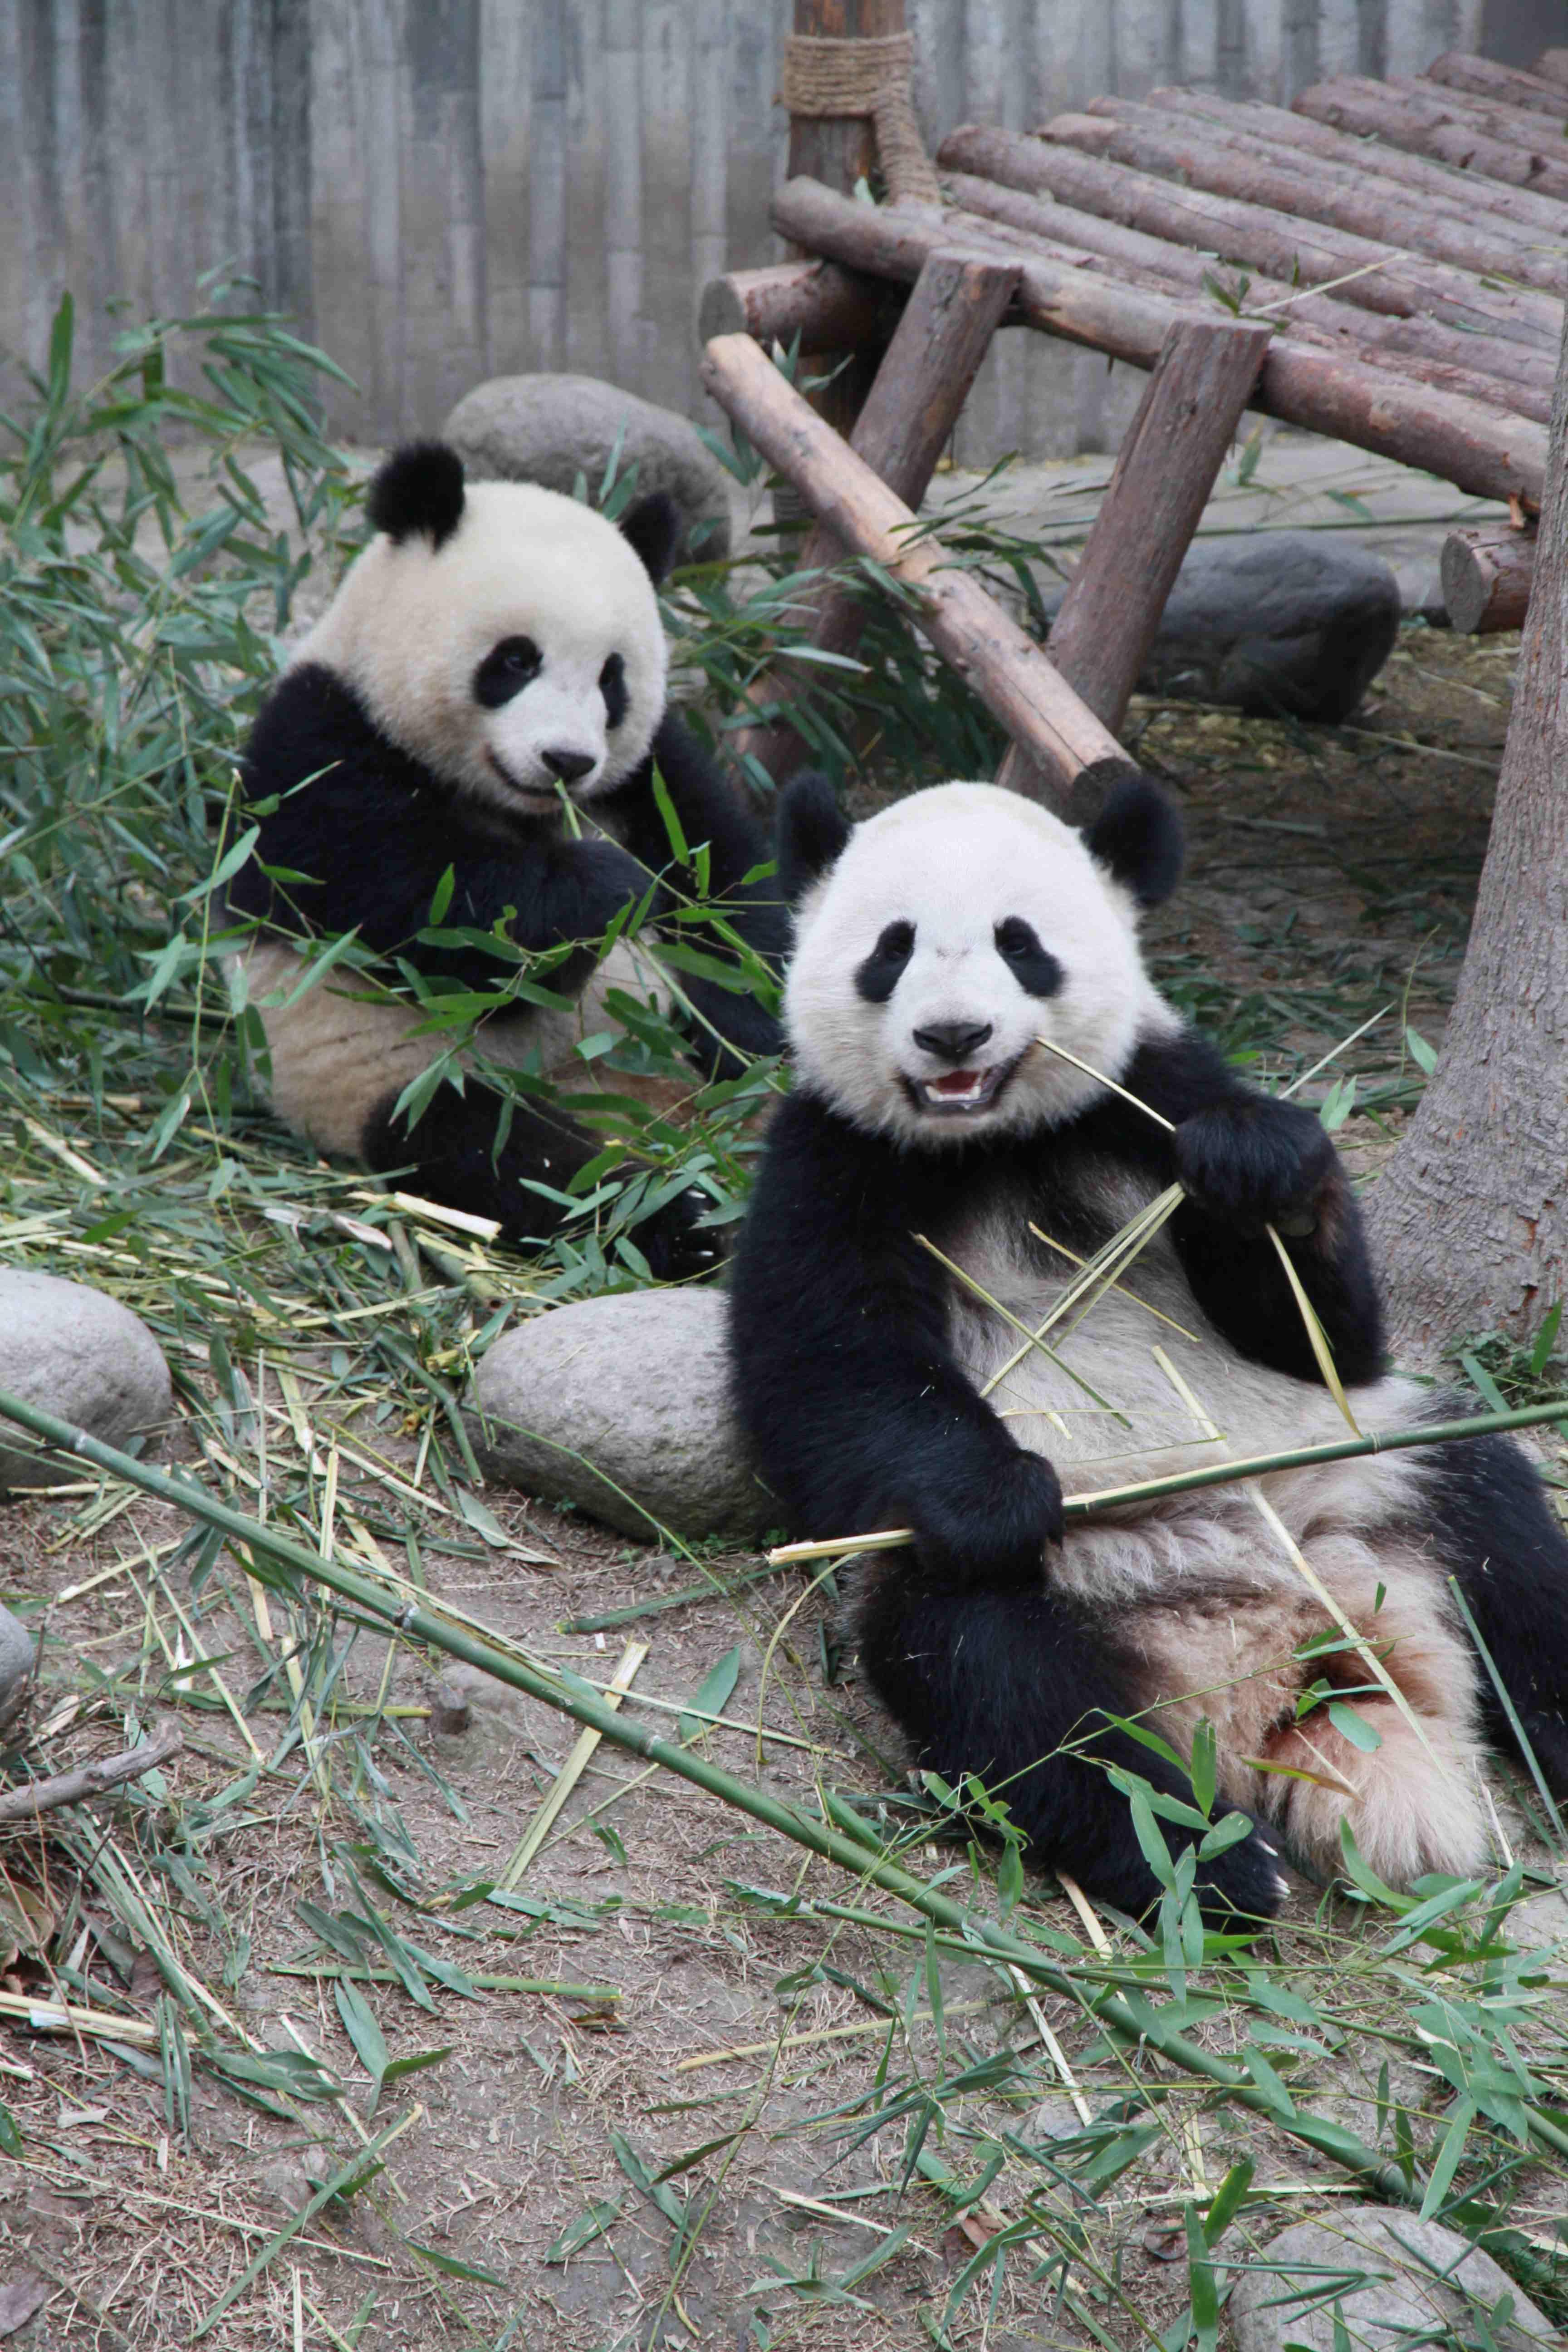 想到成都旅游,第一站肯定是看大熊猫。不愧是大熊猫的故乡,大街小巷都是熊猫的玩偶,连繁华的太古里IFS顶楼都爬着一只大熊猫。因为是自由行,反复研究了大家的点评,将本来周六去的计划改到了周一,事实证明是明智的。虽然周末不及国庆那般疯狂,但我们周一逛完出来,接车师傅说前两天周末人数至少是周一的5倍。成都的景区直通车很方便,有从不同地方出发去大熊猫基地的。但是看评论大家说要赶早,我琢磨着从酒店要很早出门,赶8点从宽窄出发的一趟,还不如从酒店直接约车出发,节省时间。如果您是携程的老用户,会有